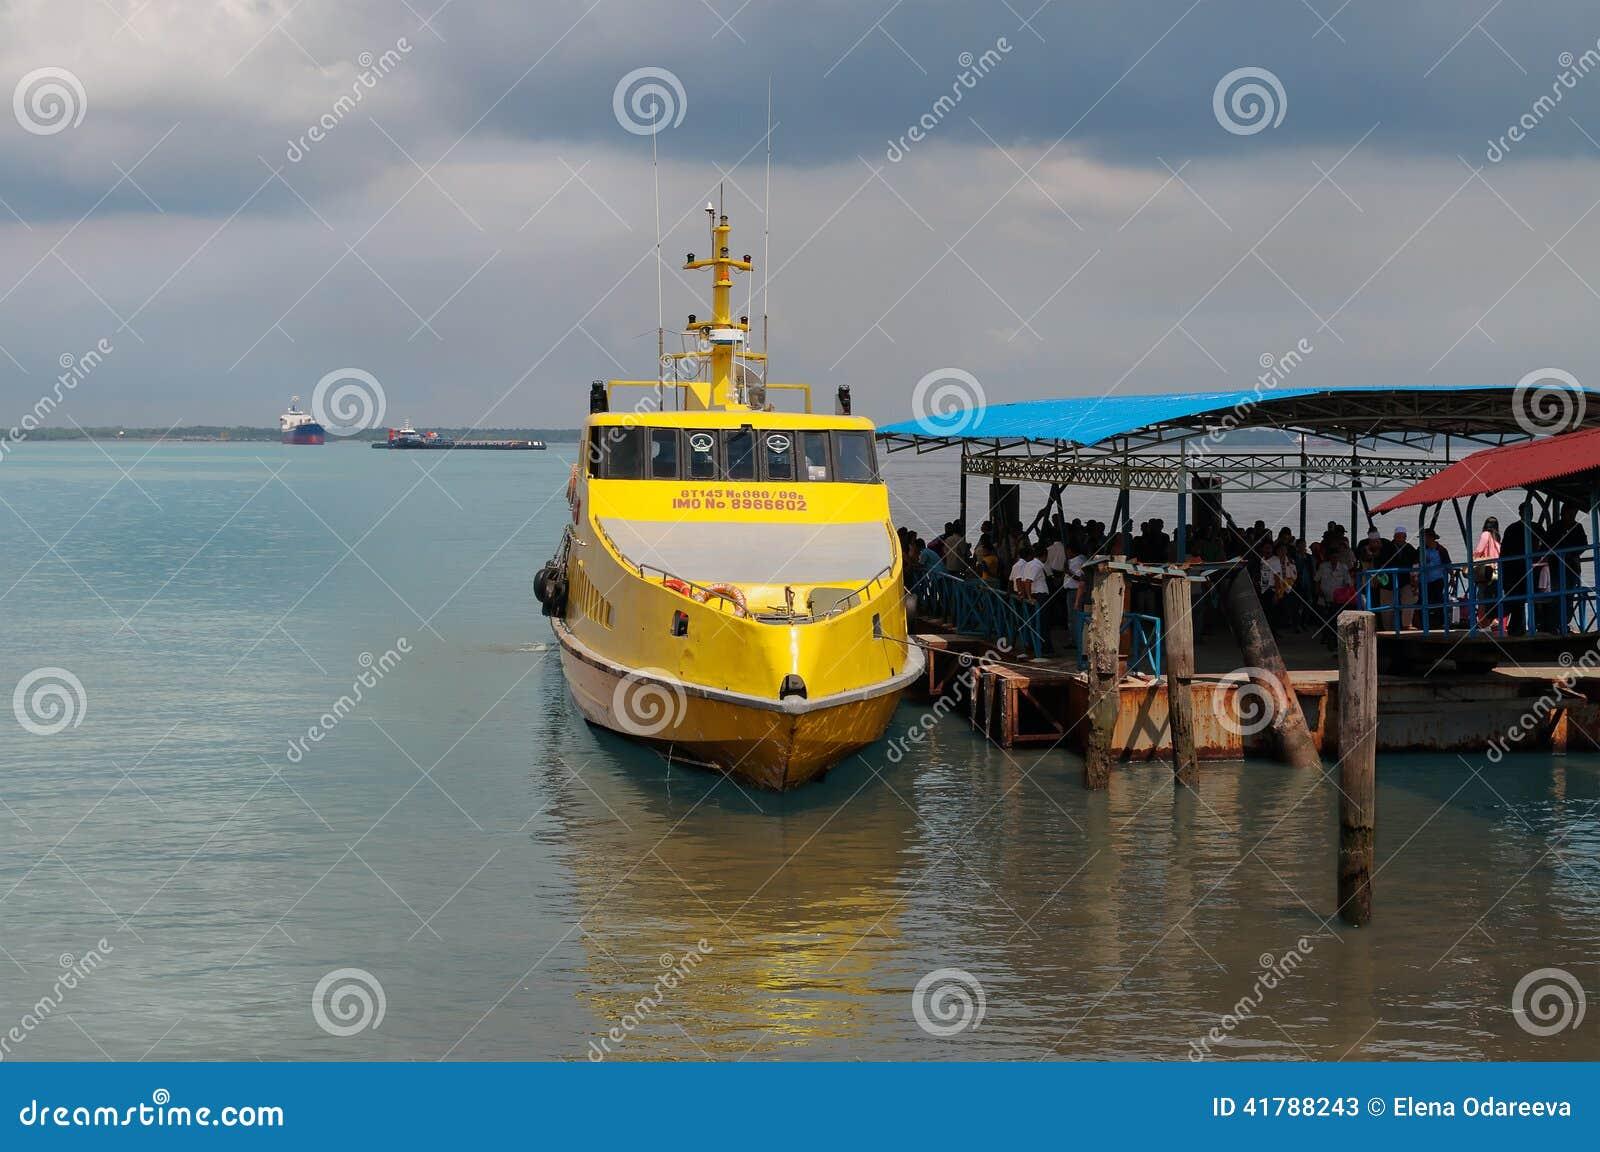 Dumai Indonesia  city photo : DUMAI, INDONESIA DEC 21, 2013: Ferry Melaka Dumai in Dumai Port ...